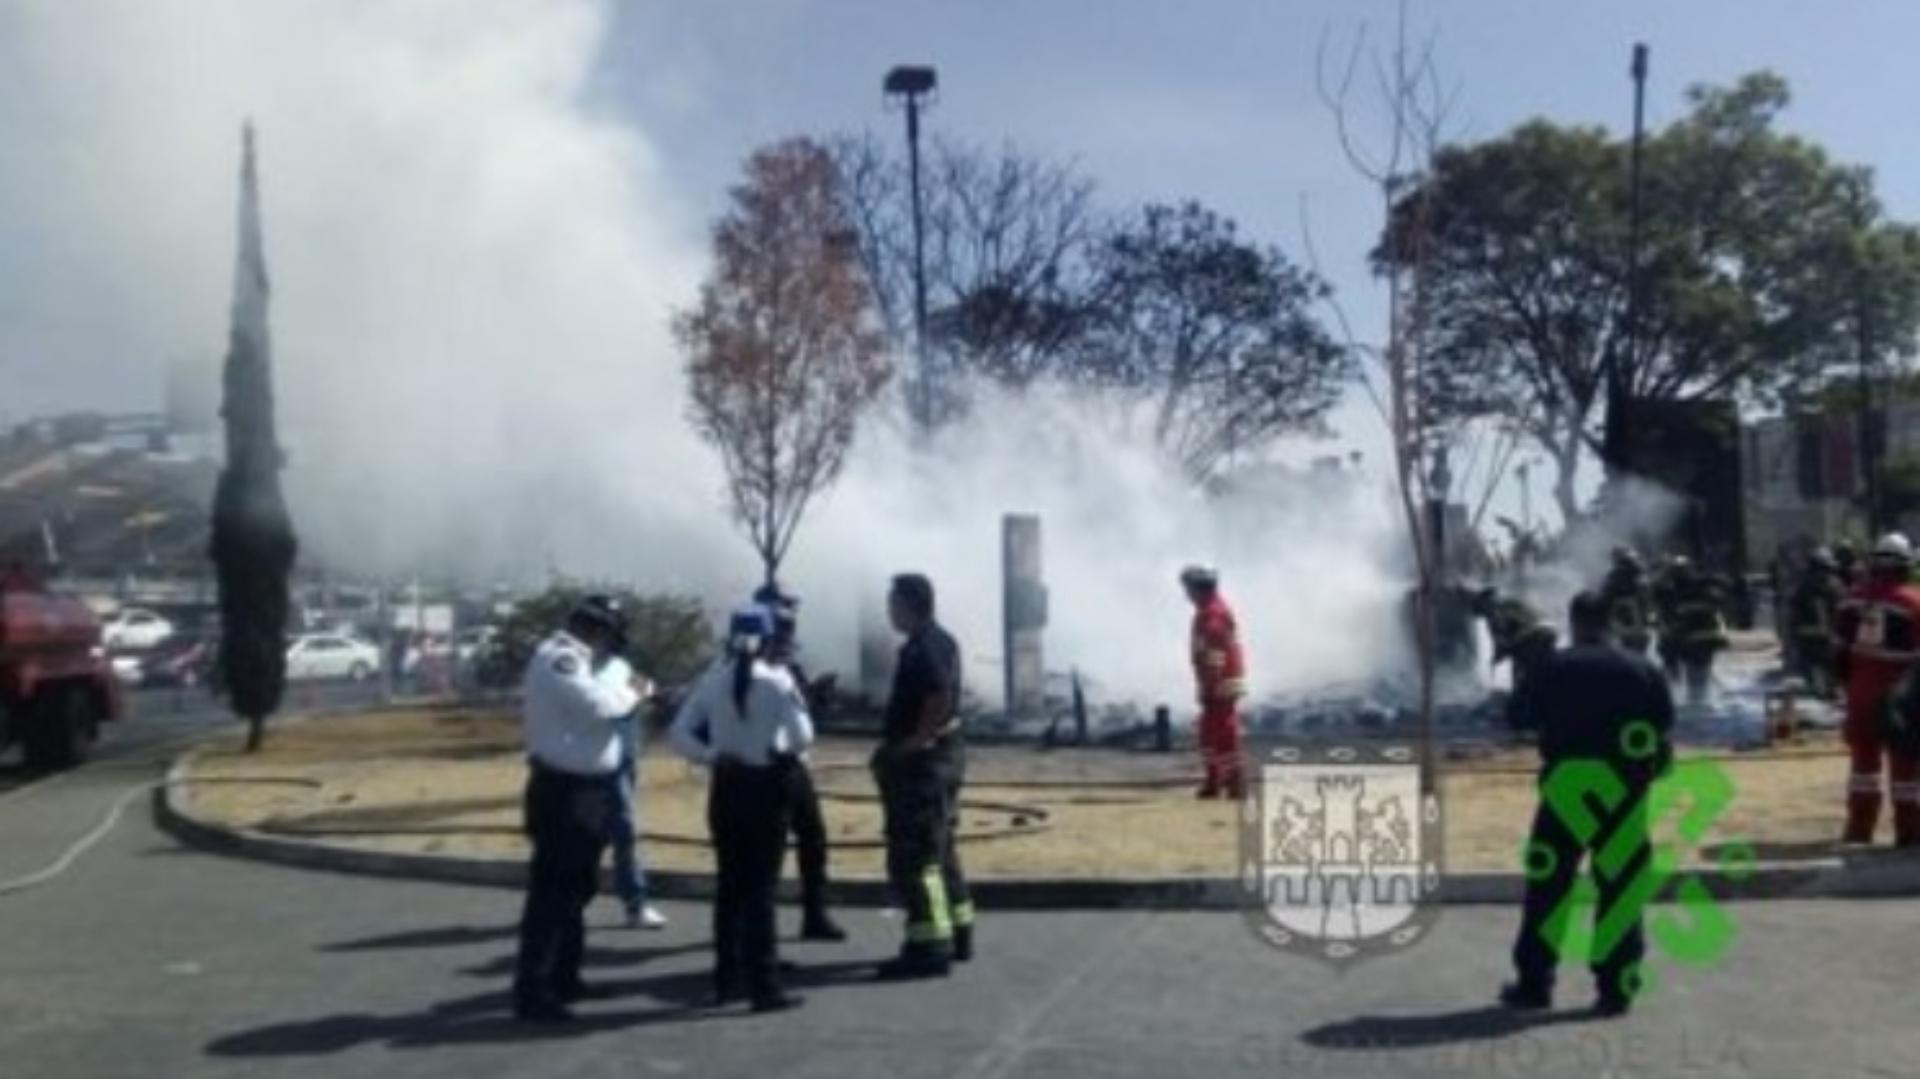 Las autoridades informaron que las llamas alcanzaron los cinco metros de altura (Foto: Captura Twitter – @OVIALCDMX)